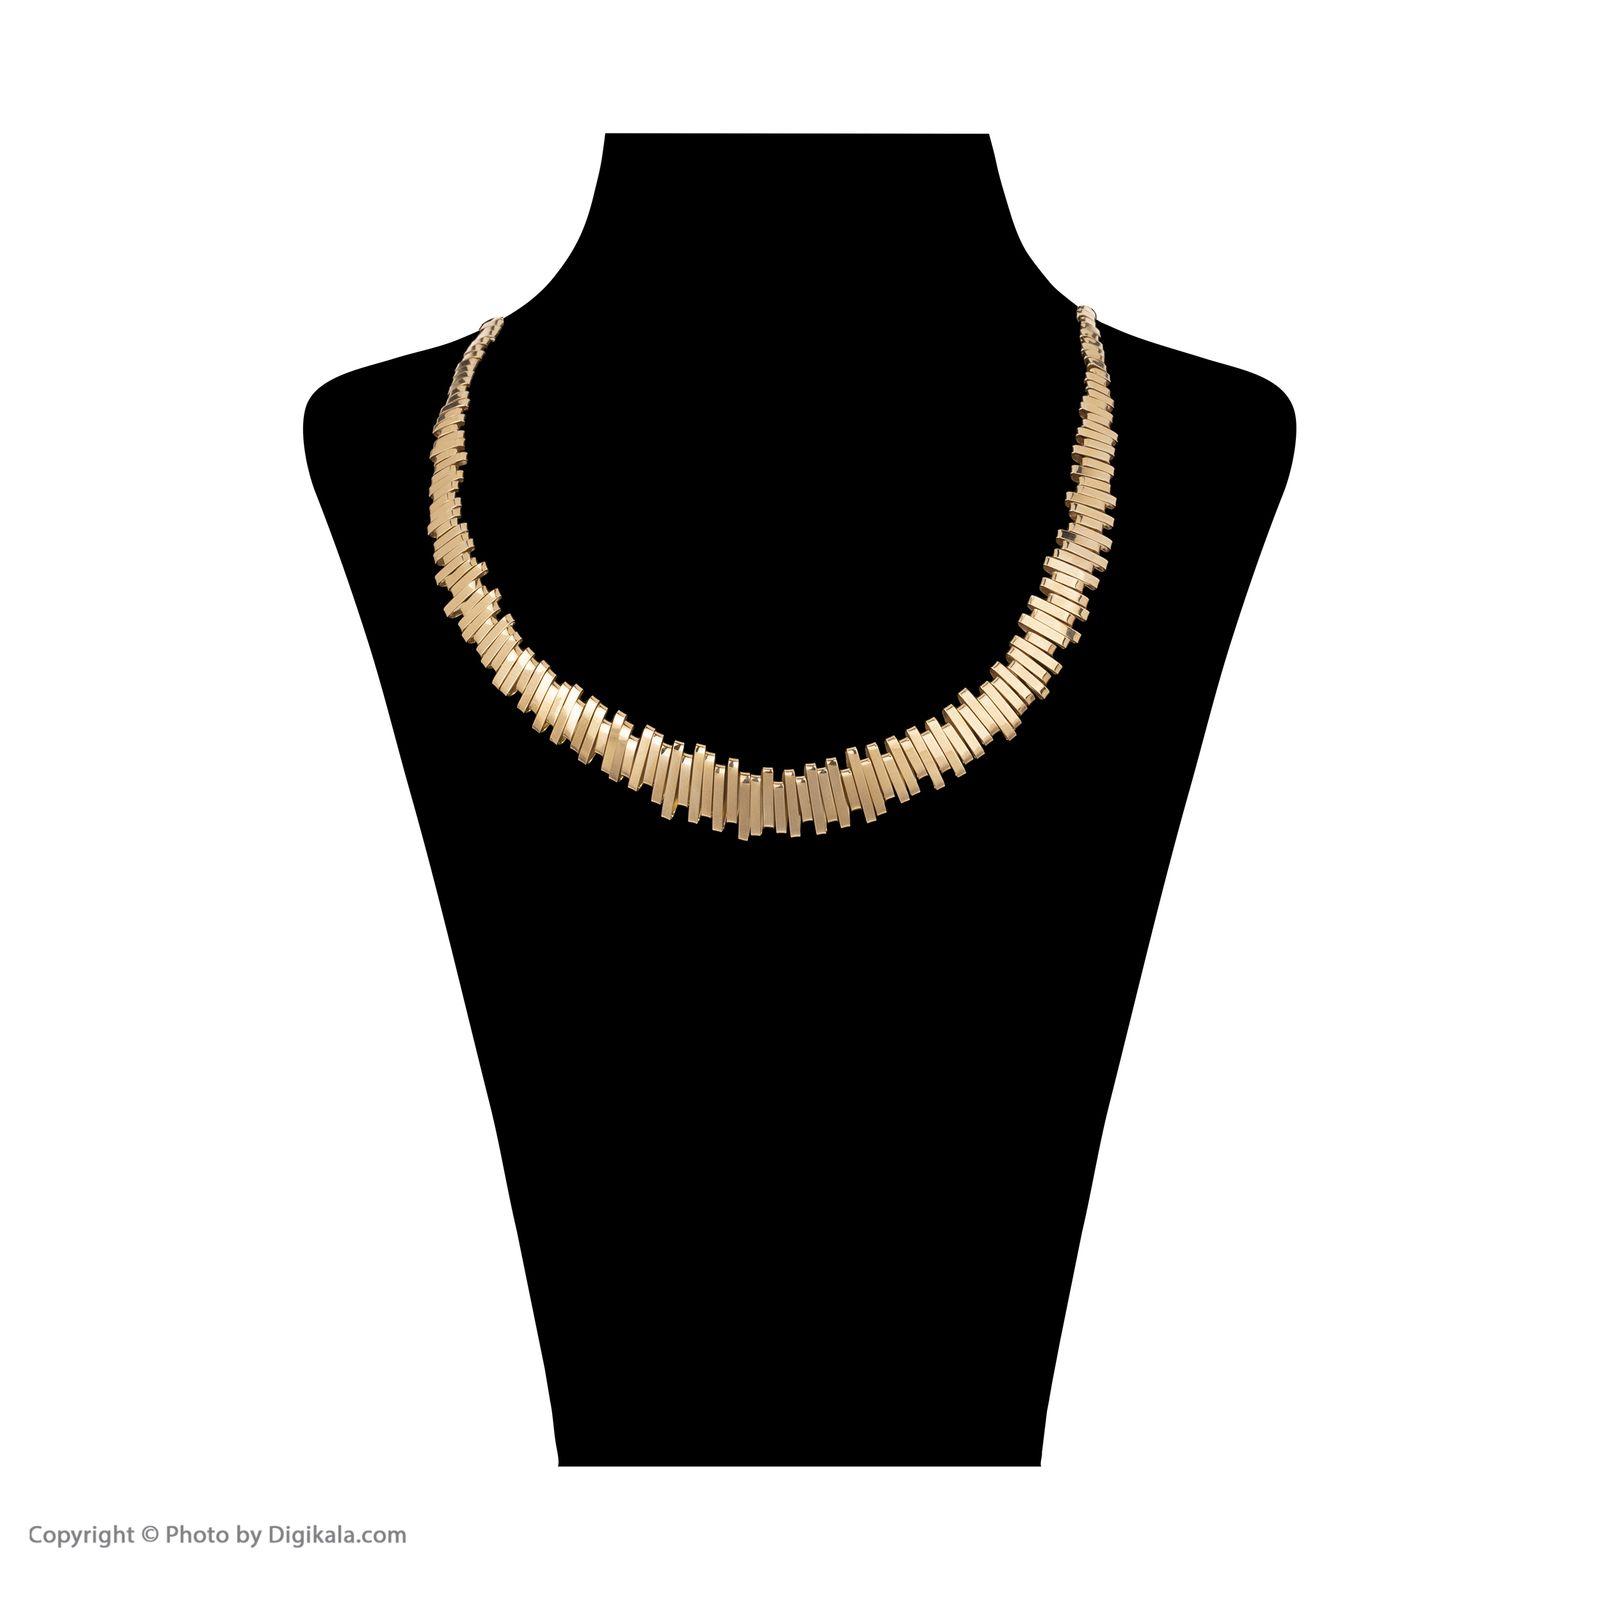 گردنبند طلا 18 عیار زنانه سنجاق مدل X069550 -  - 2